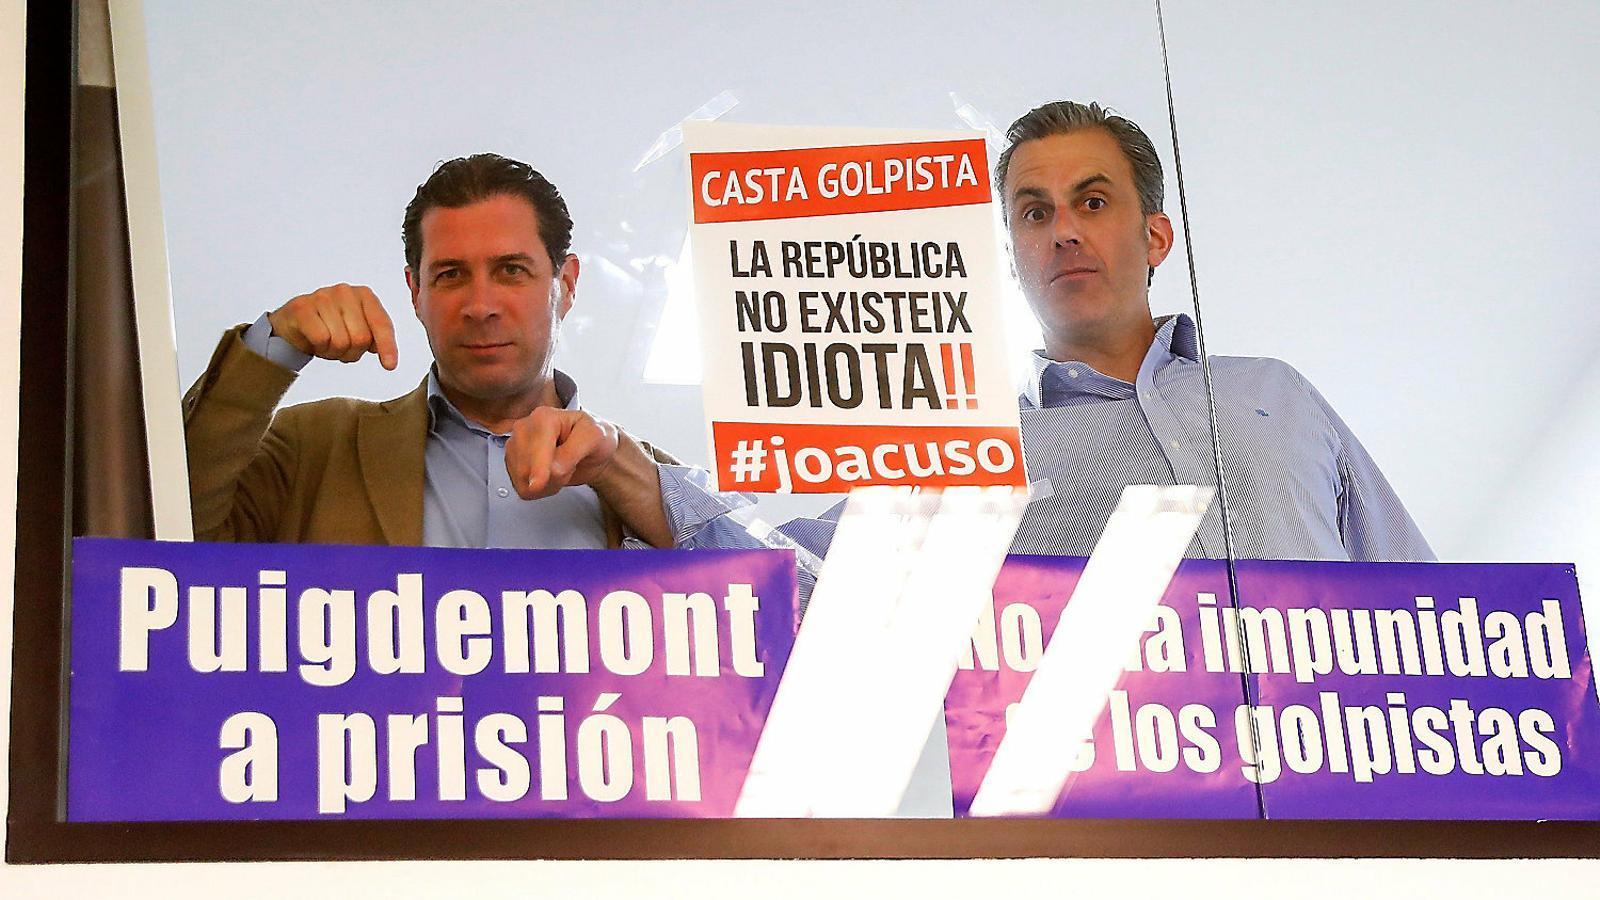 Vox irromp en una trentena de capitals a Espanya però toca sostre